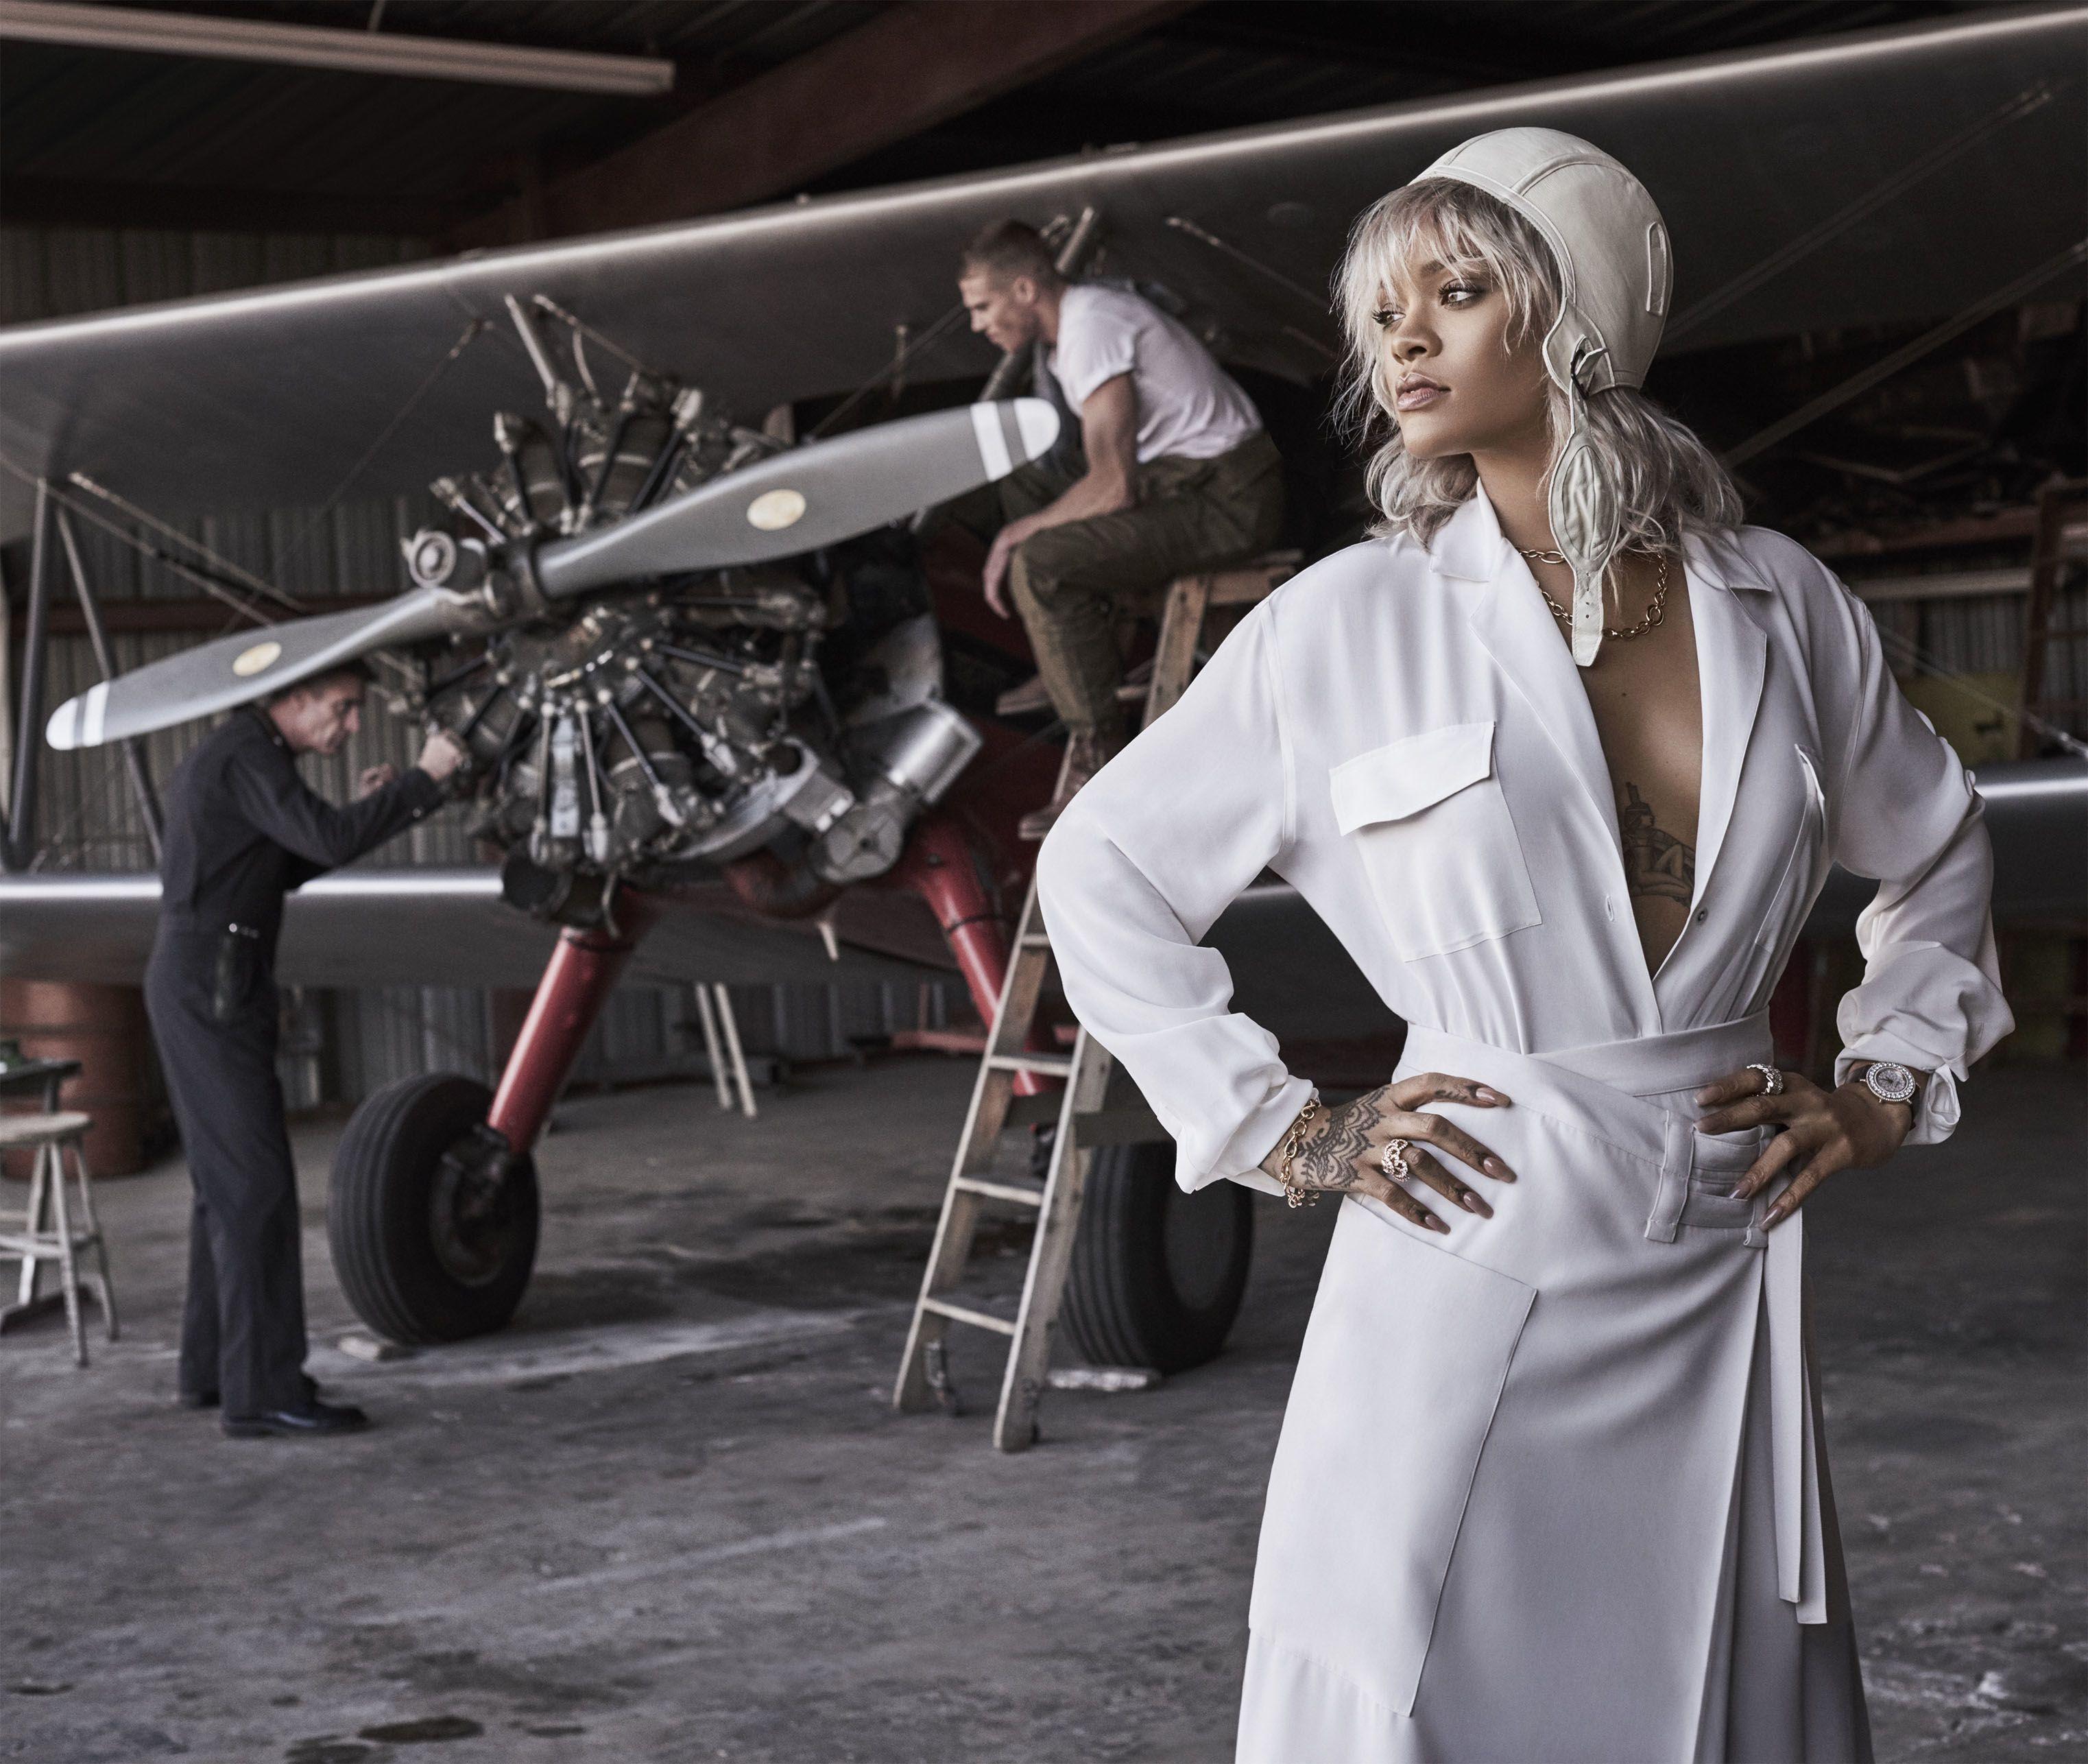 Giải mã lý do người mẫu phải chống hông khi catwalk - 3